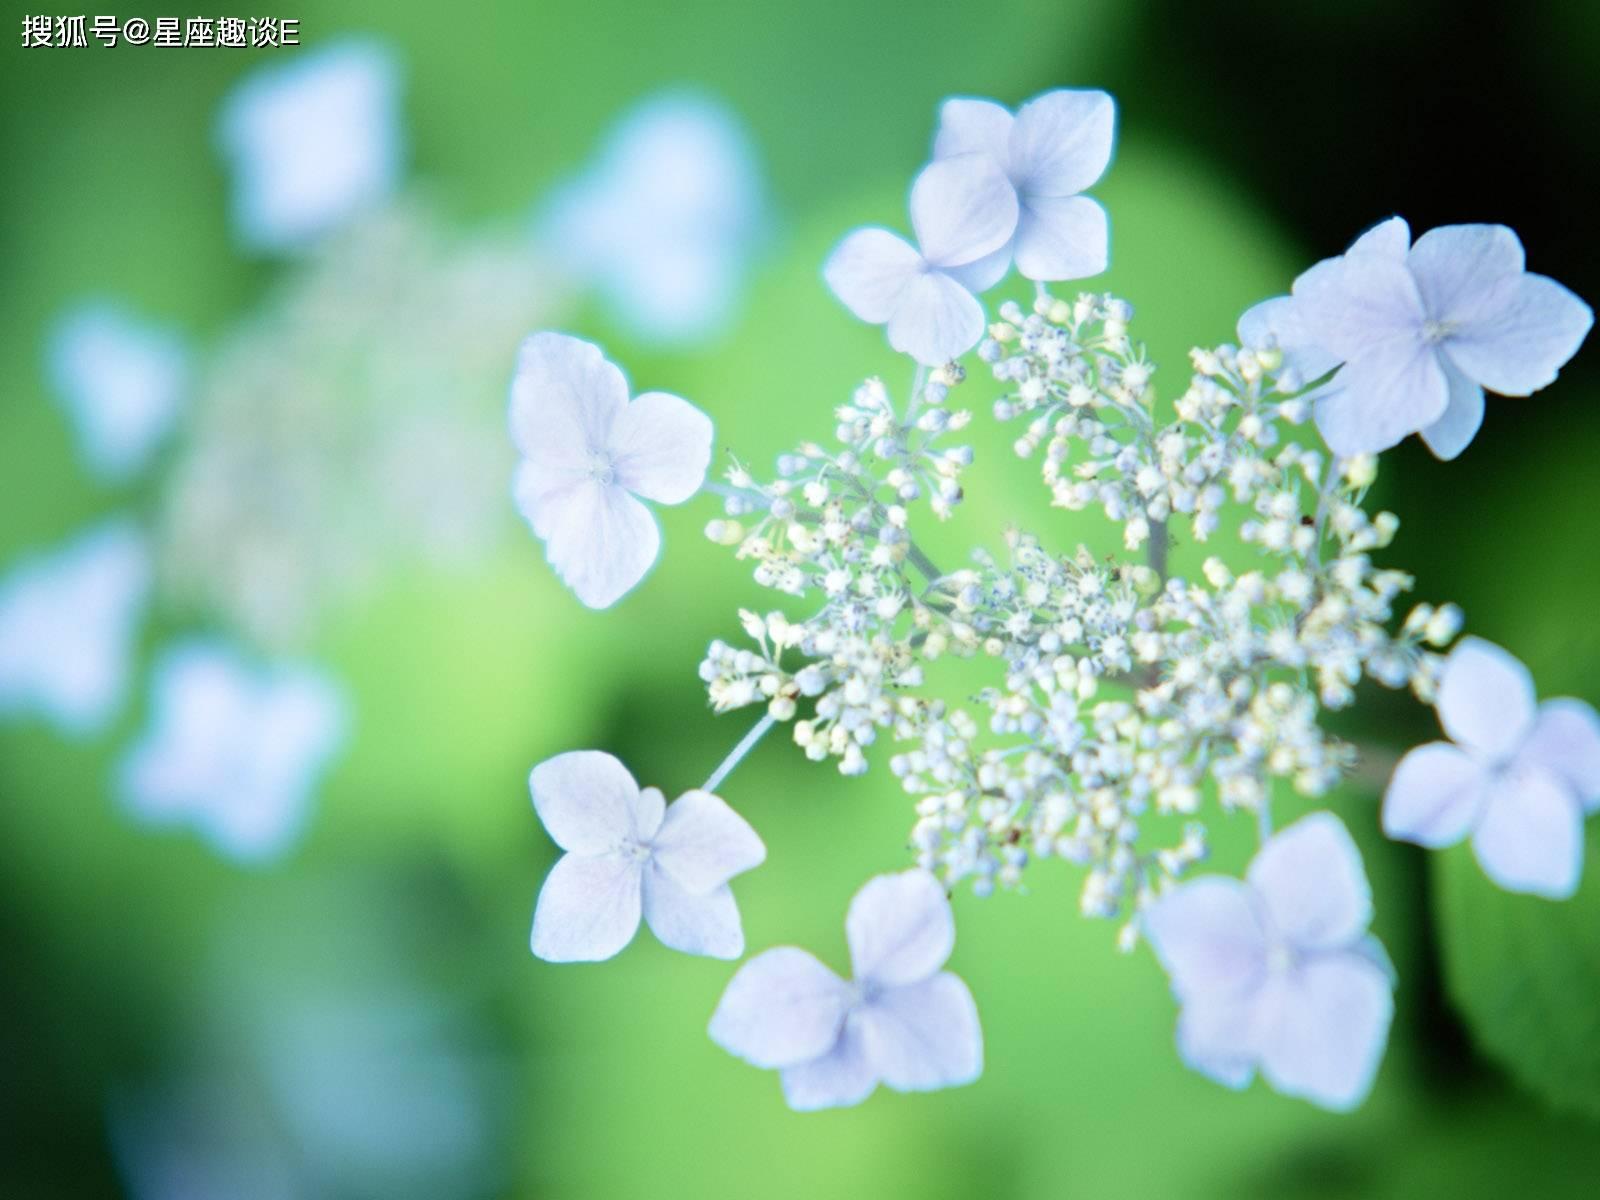 5月1日爱情运势:桃花敲门,情真意切的四大星座  第3张